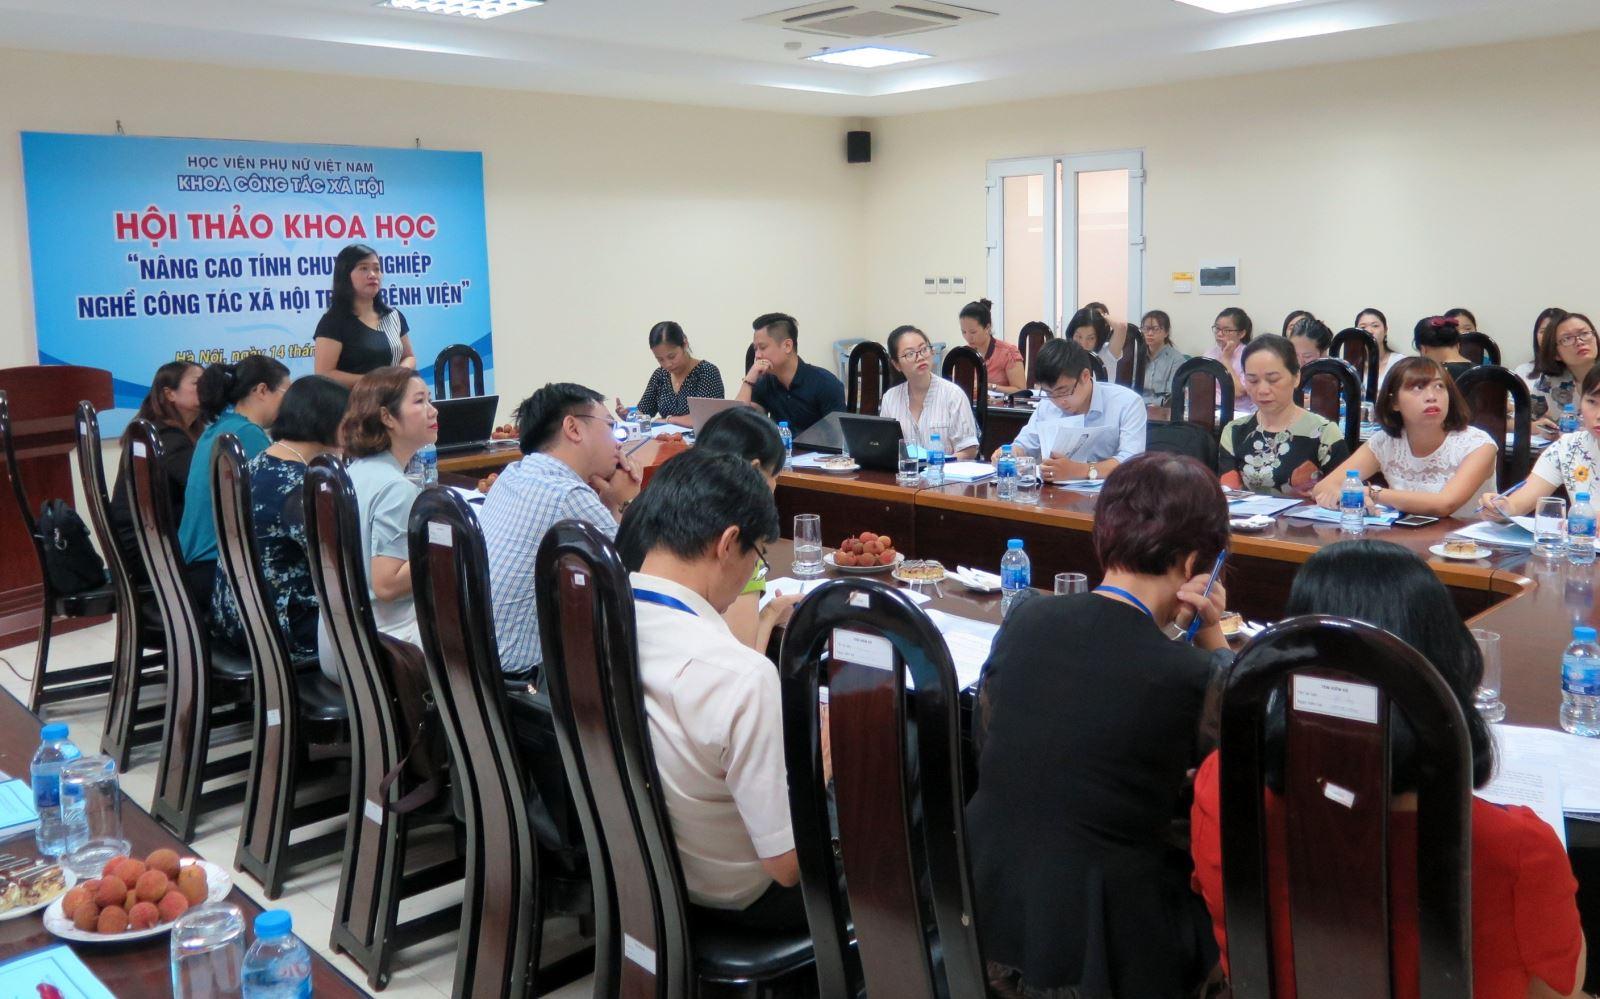 """Học viện Phụ nữ Việt Nam tổ chức Hội thảo khoa học:  """"Nâng cao tính chuyên nghiệp nghề Công tác xã hội trong bệnh viện"""""""